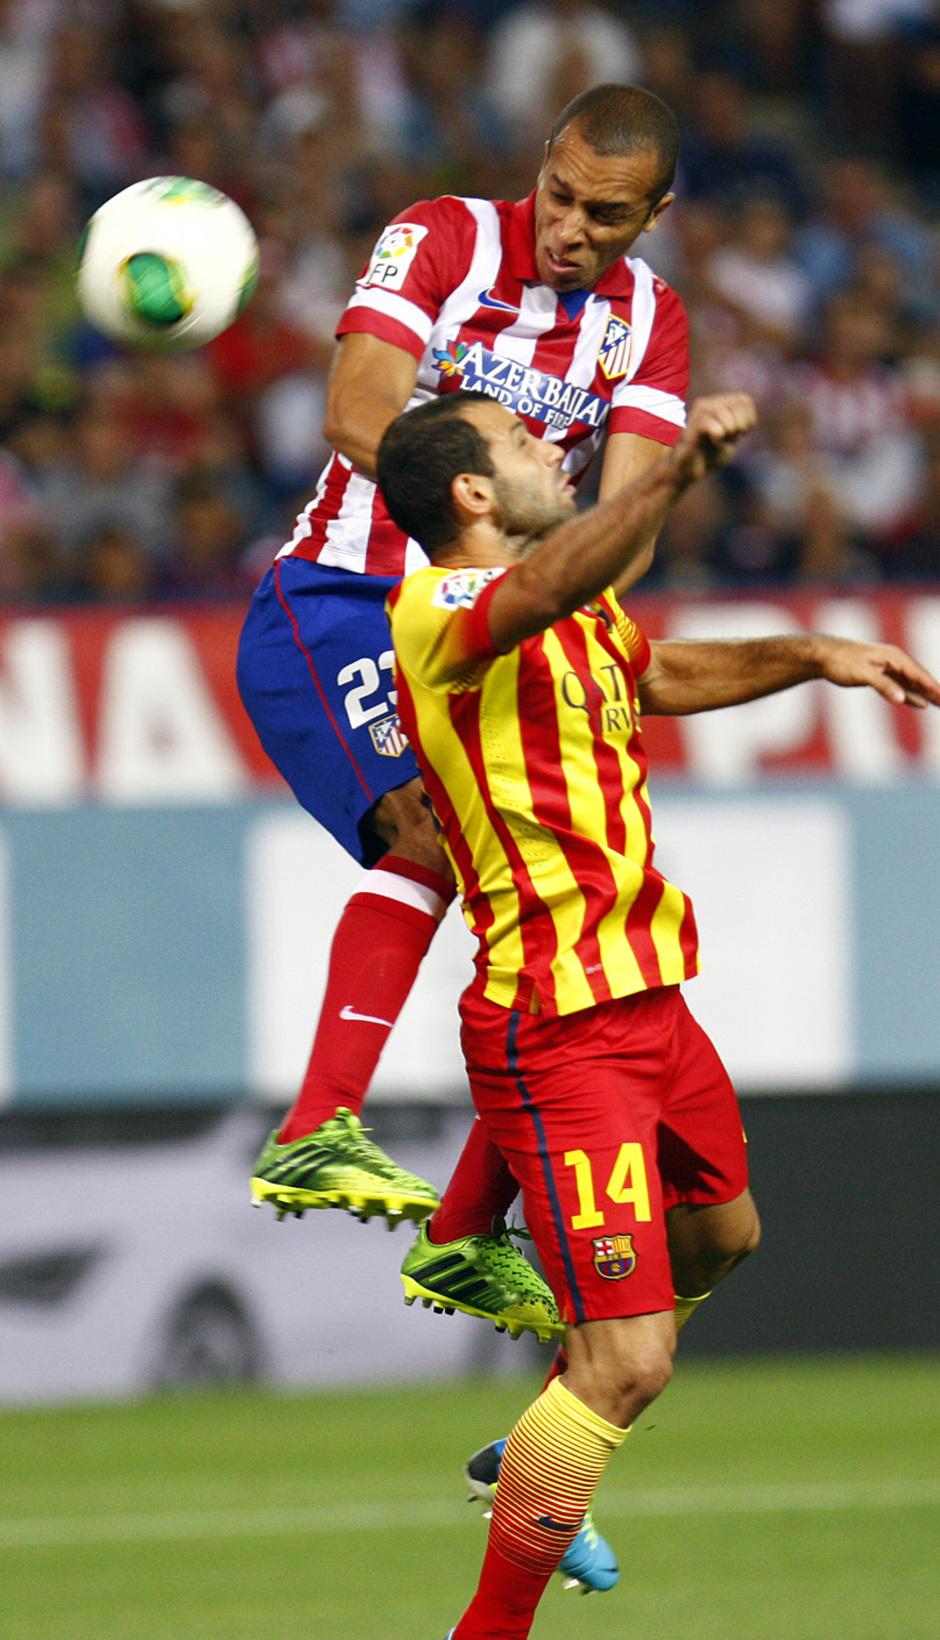 Temporada 13/14. Partido Supercopa. Vicente Calderón. Miranda rematando a puerta